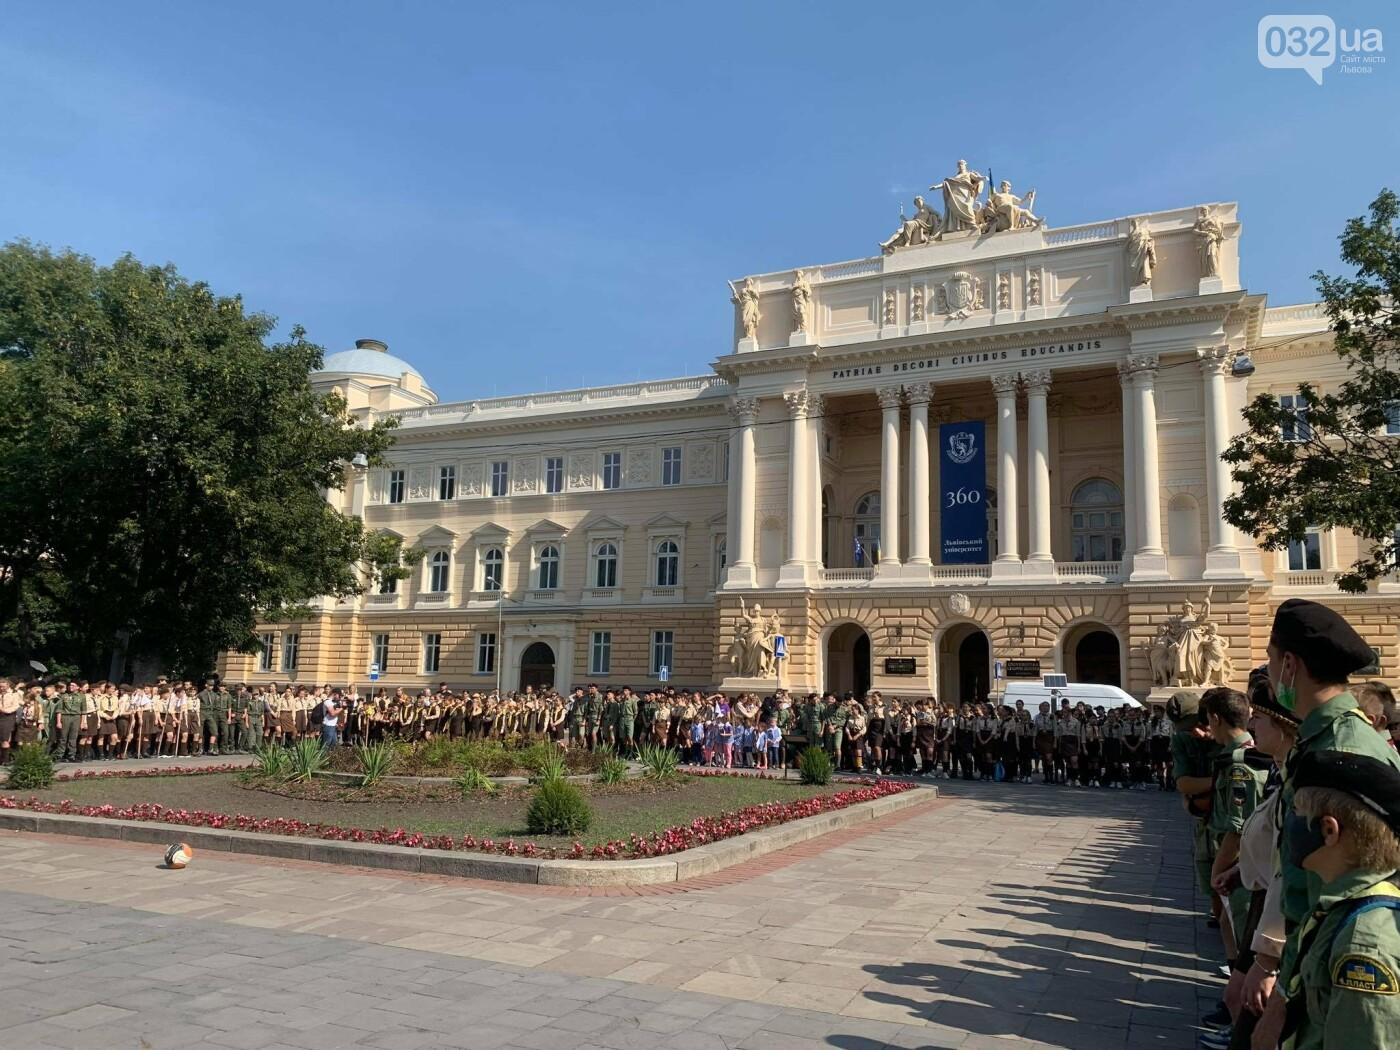 У Львові урочисті відкрили Пластовий рік, Фото - 032